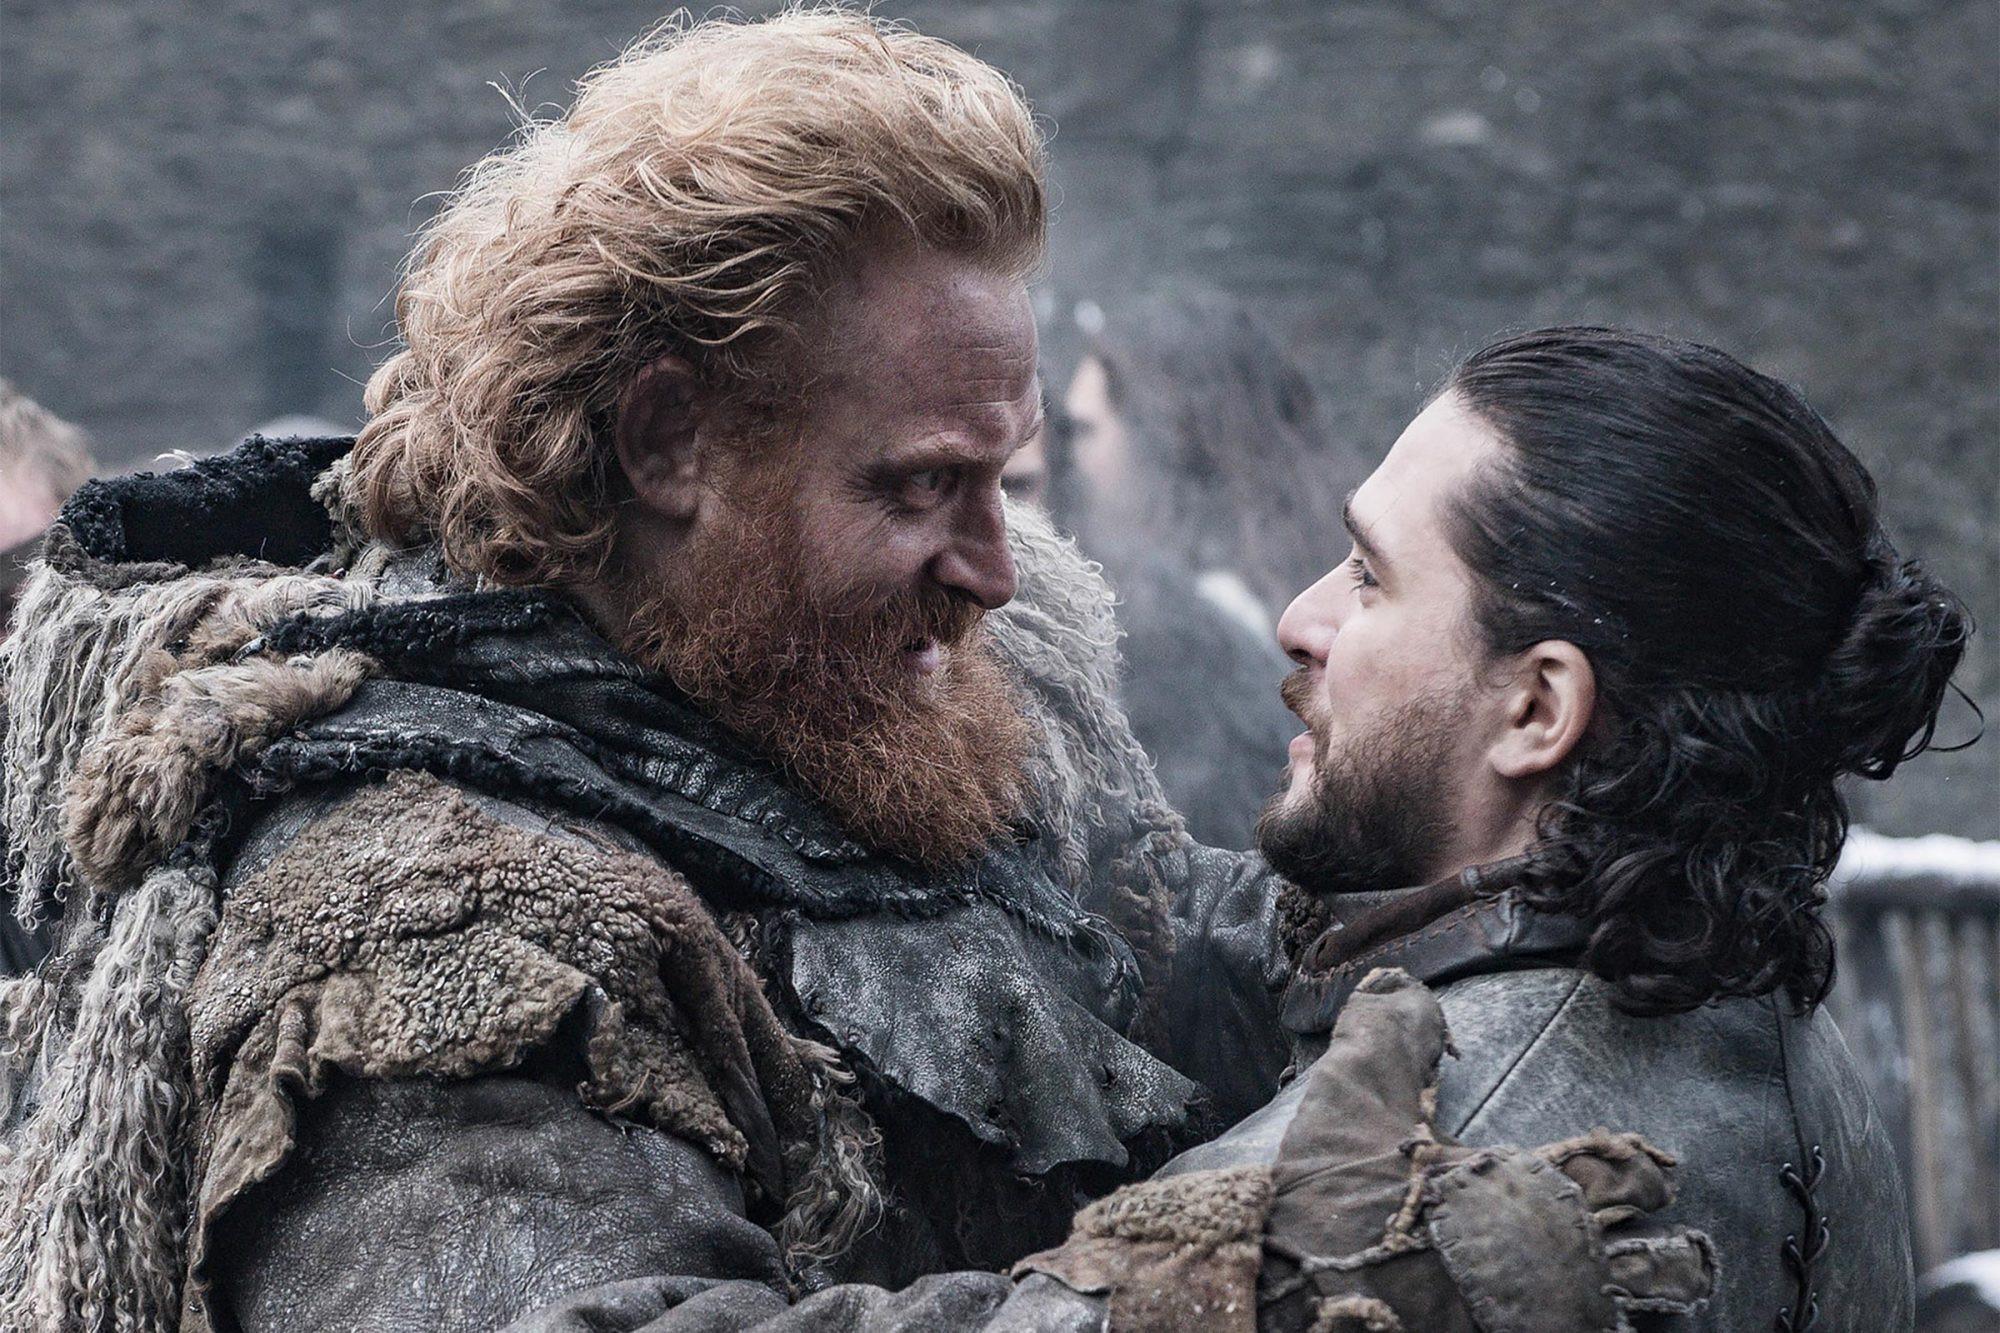 Game of Thrones star, Kristofer Hivju and wife recover from Coronavirus lindaikejisblog 1